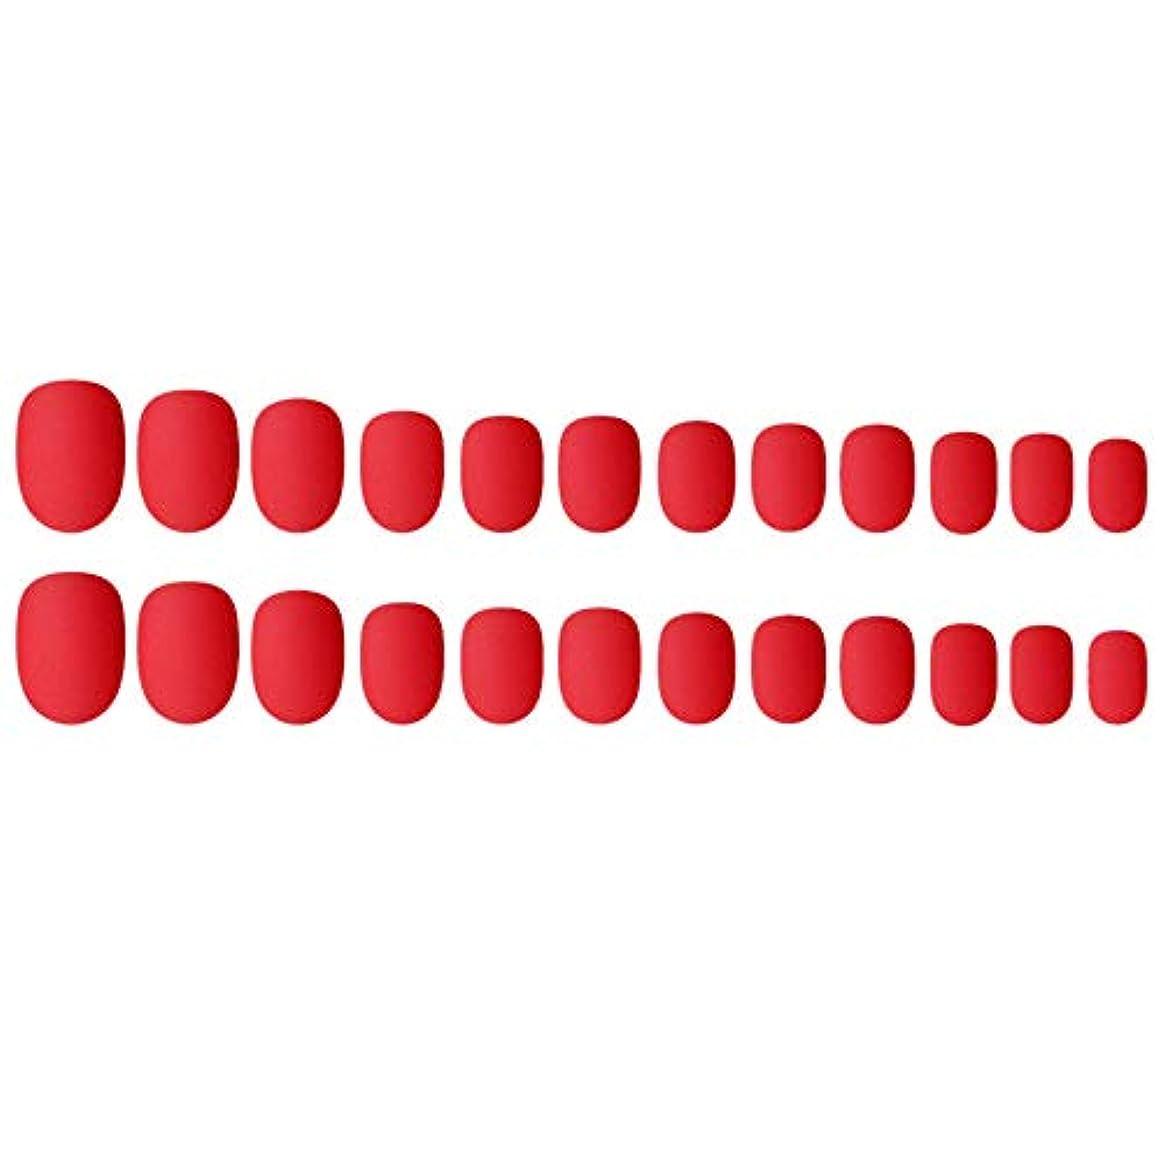 過剰ライド水差しDecdeal ネイルチップ 24ピース 偽ネイルのヒント 12種類のサイズ ネイルサロン diy ネイルアートツール